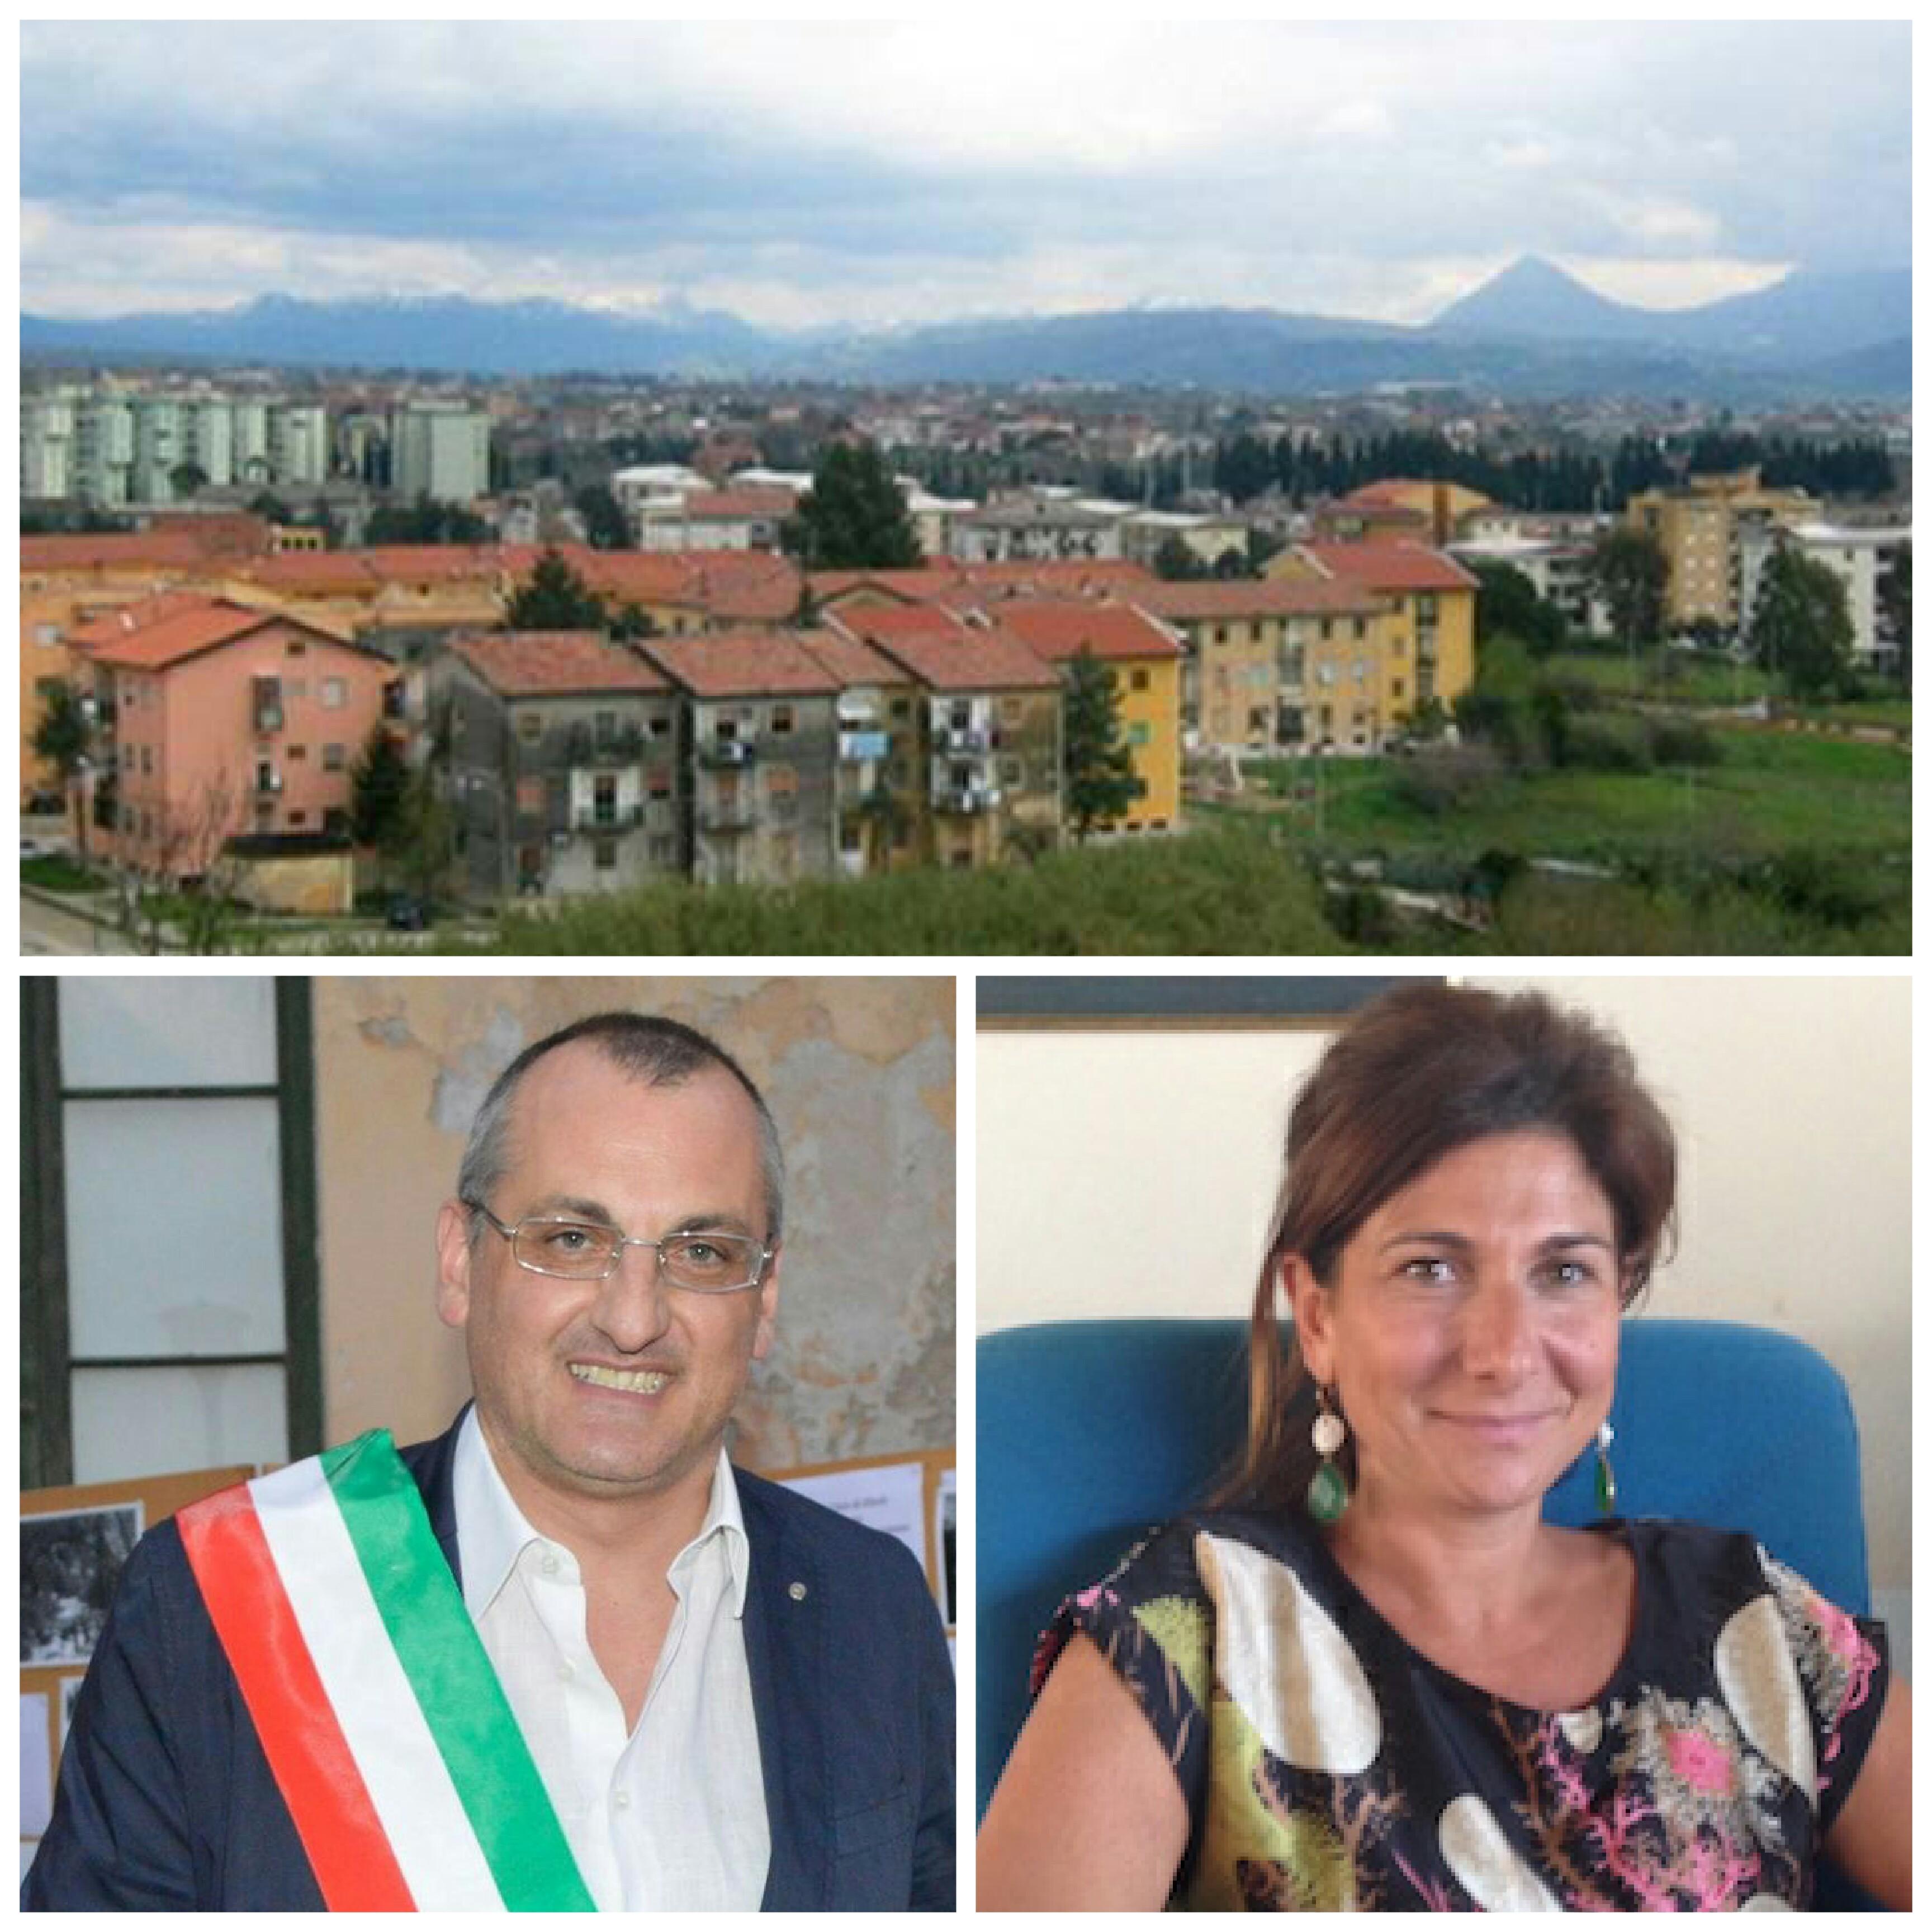 Quartiere Molinello-Massimo Cariello-Matilde Saja